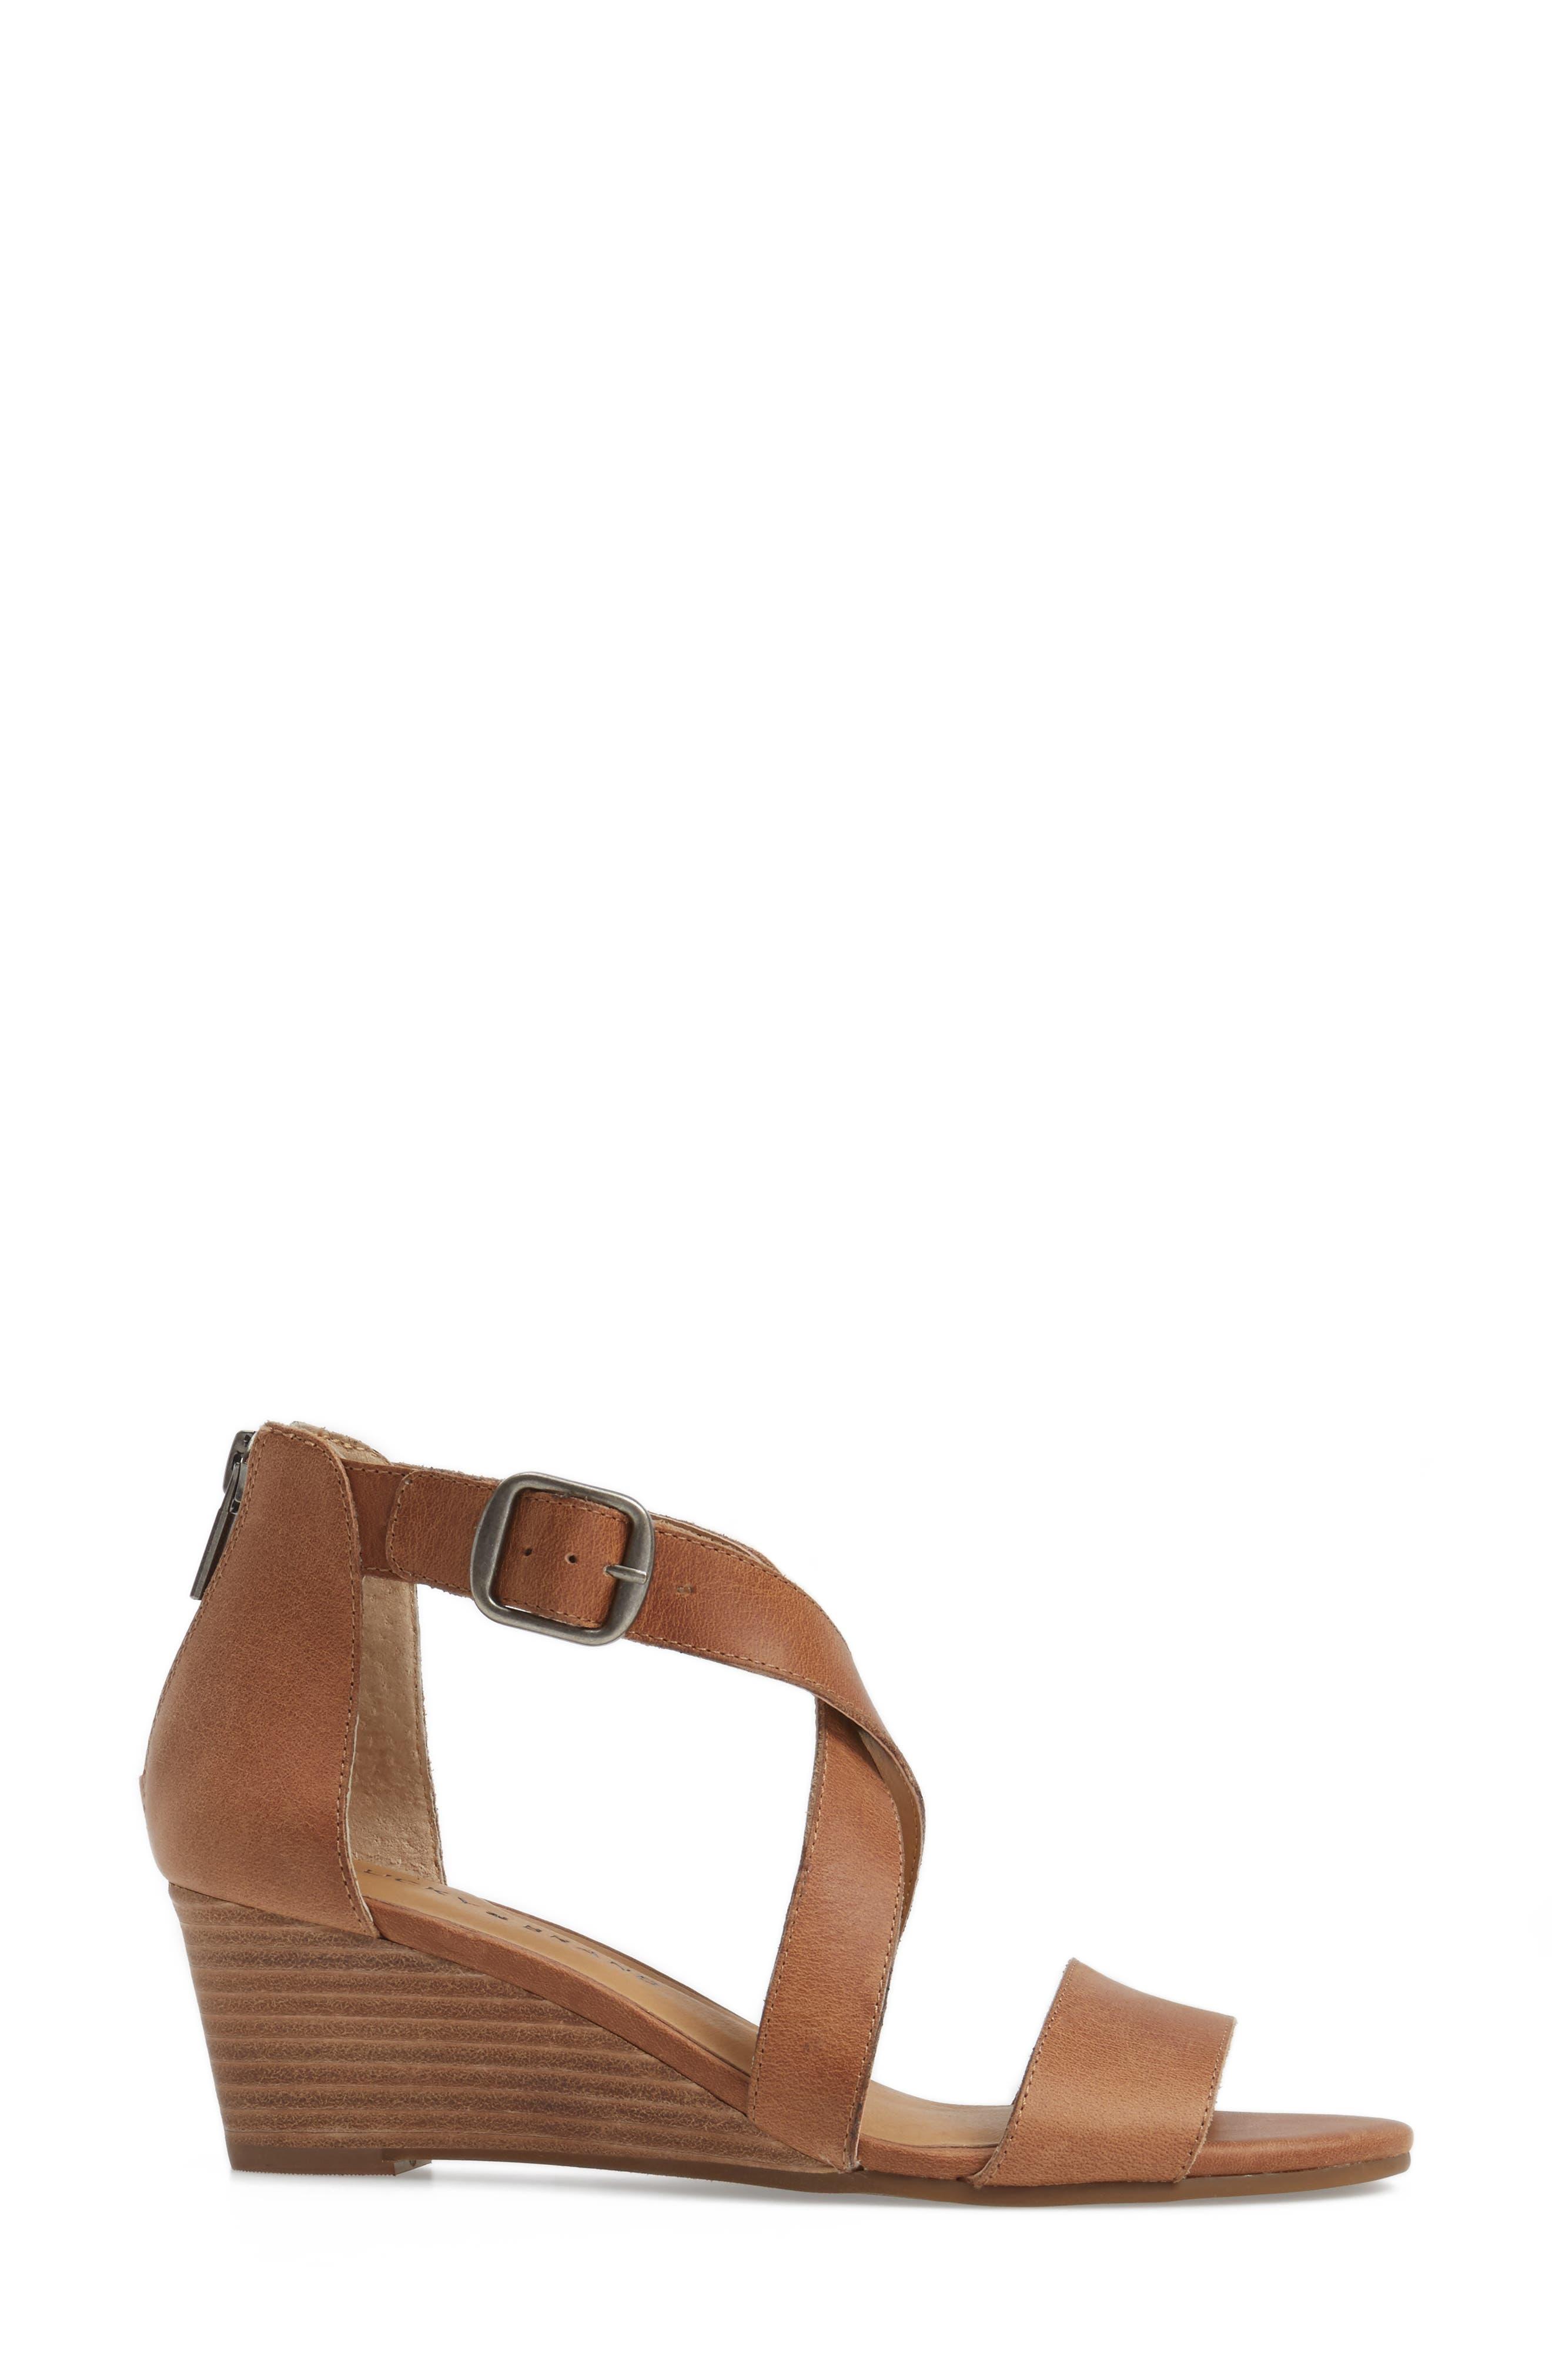 Alternate Image 3  - Lucky Brand Jenley Wedge Sandal (Women)